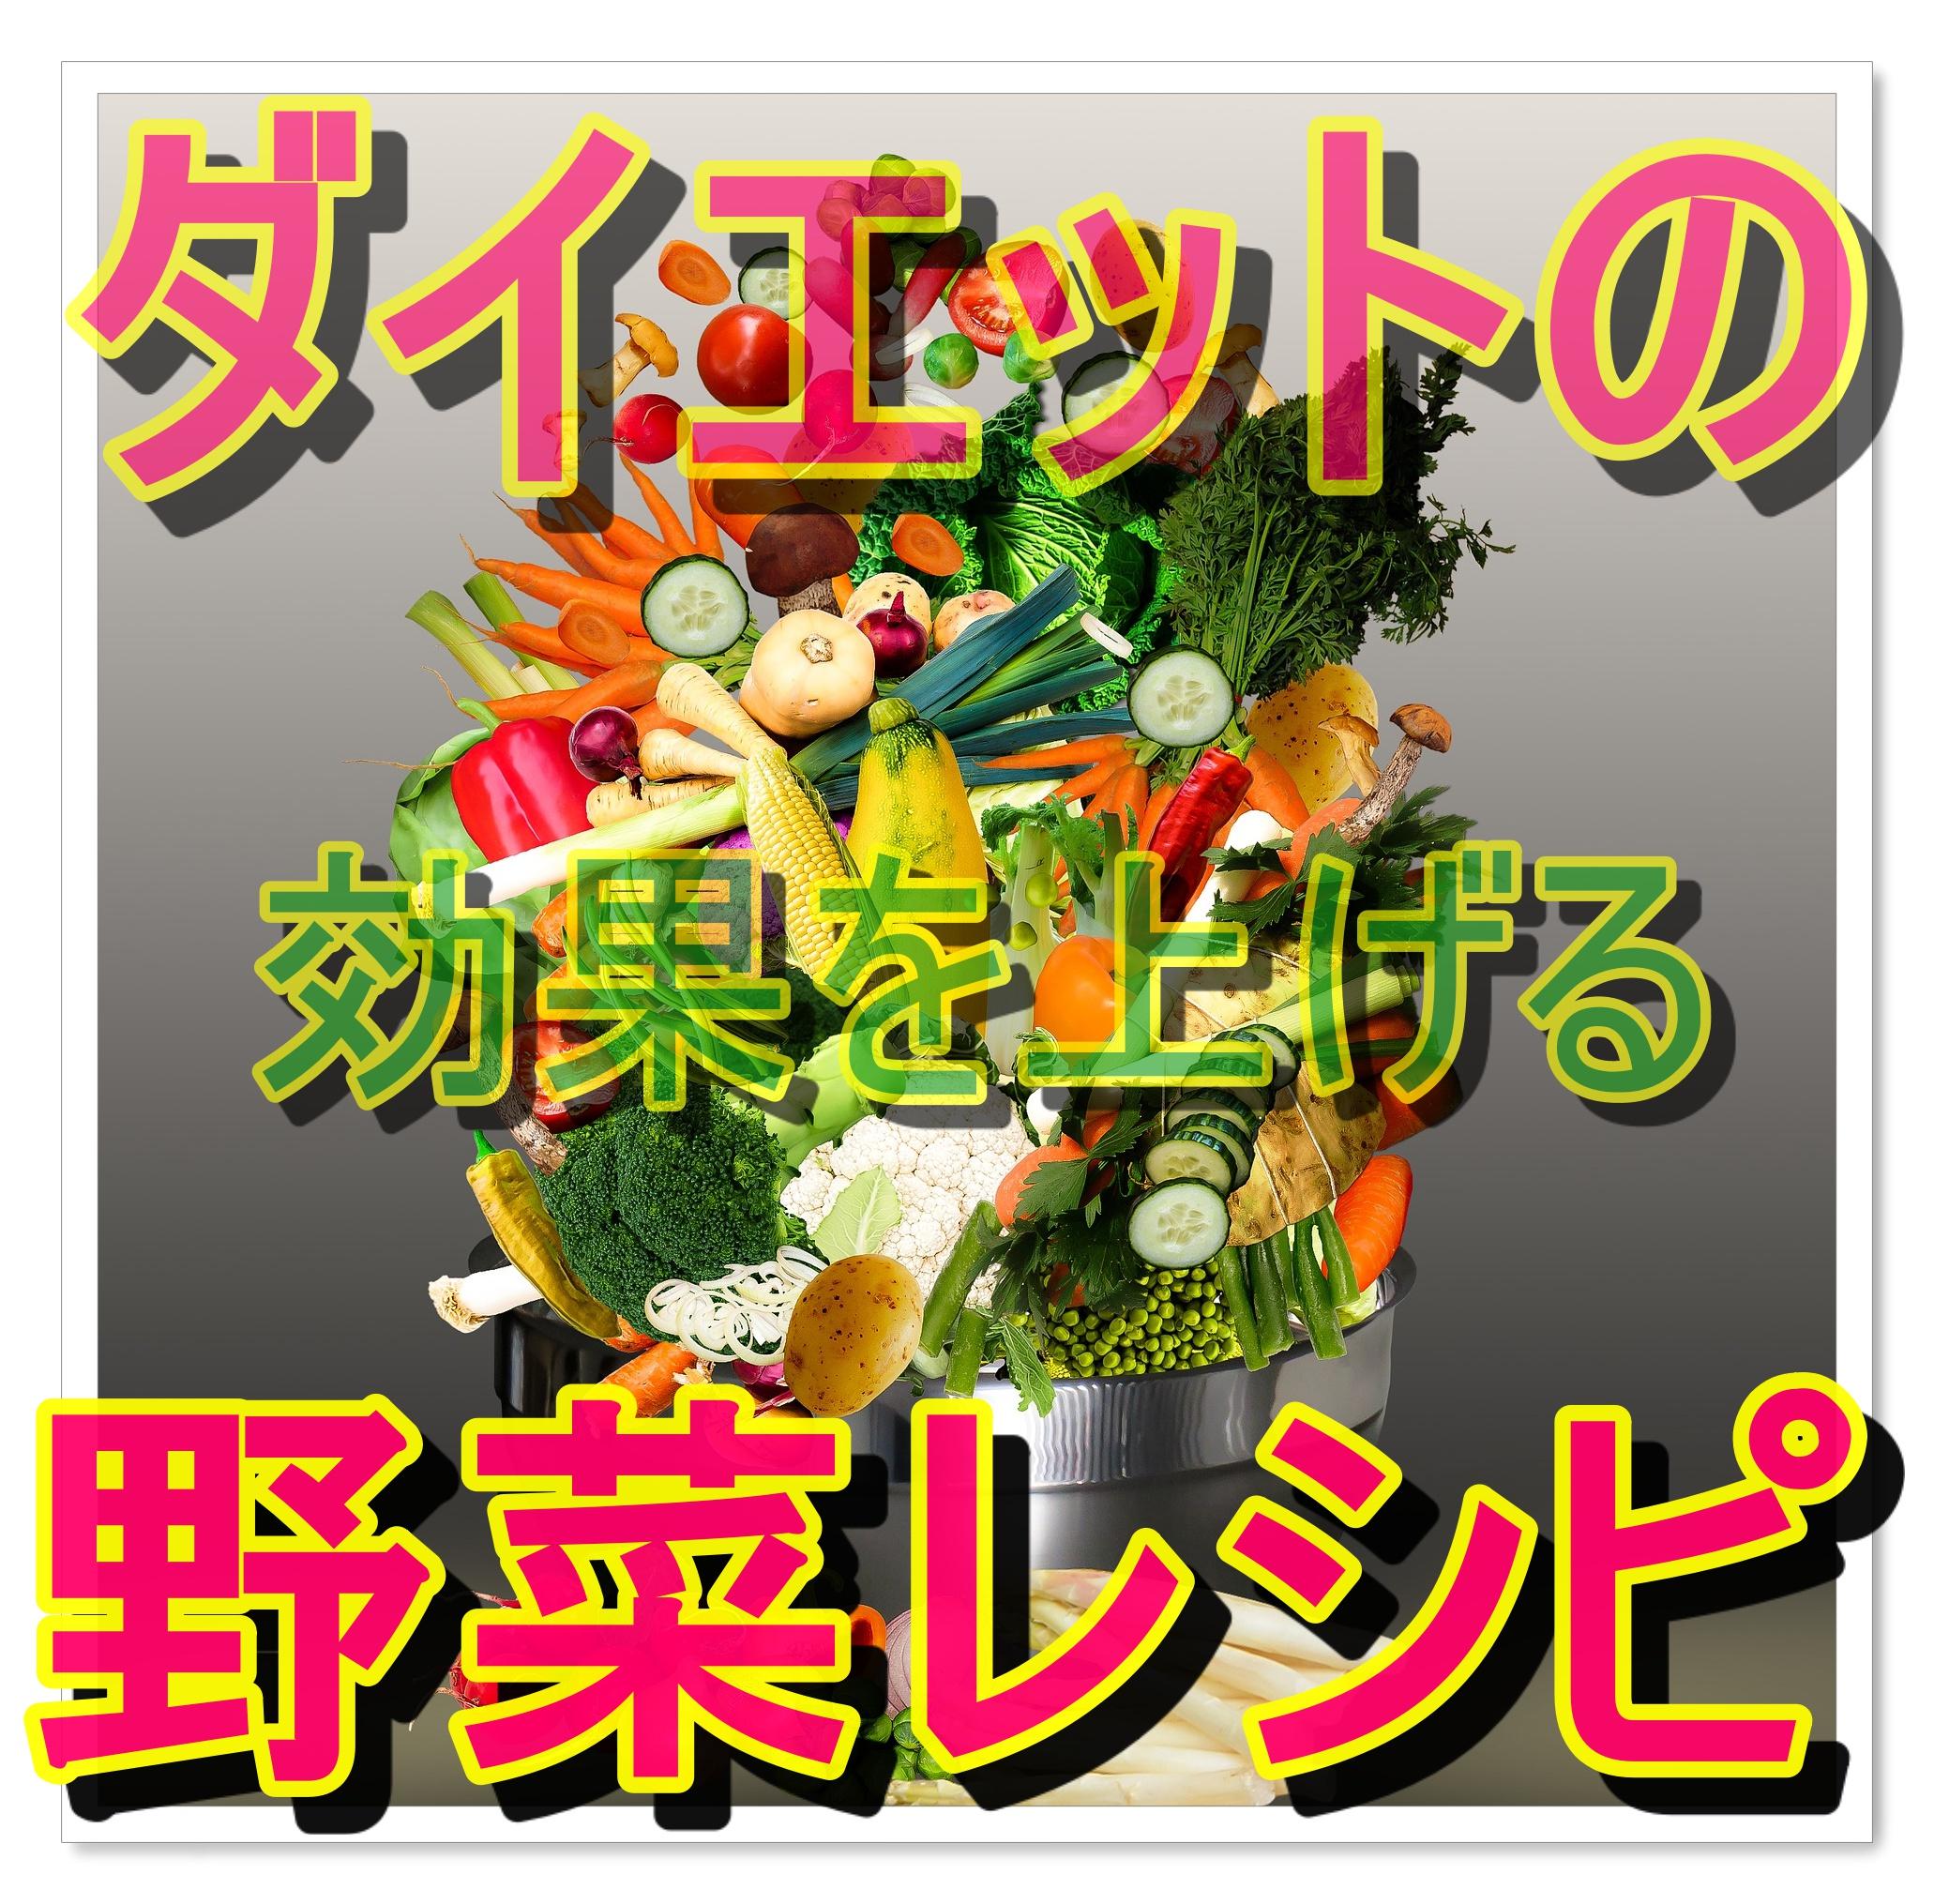 損してないですか?ダイエットの効果を上げる野菜のレシピ